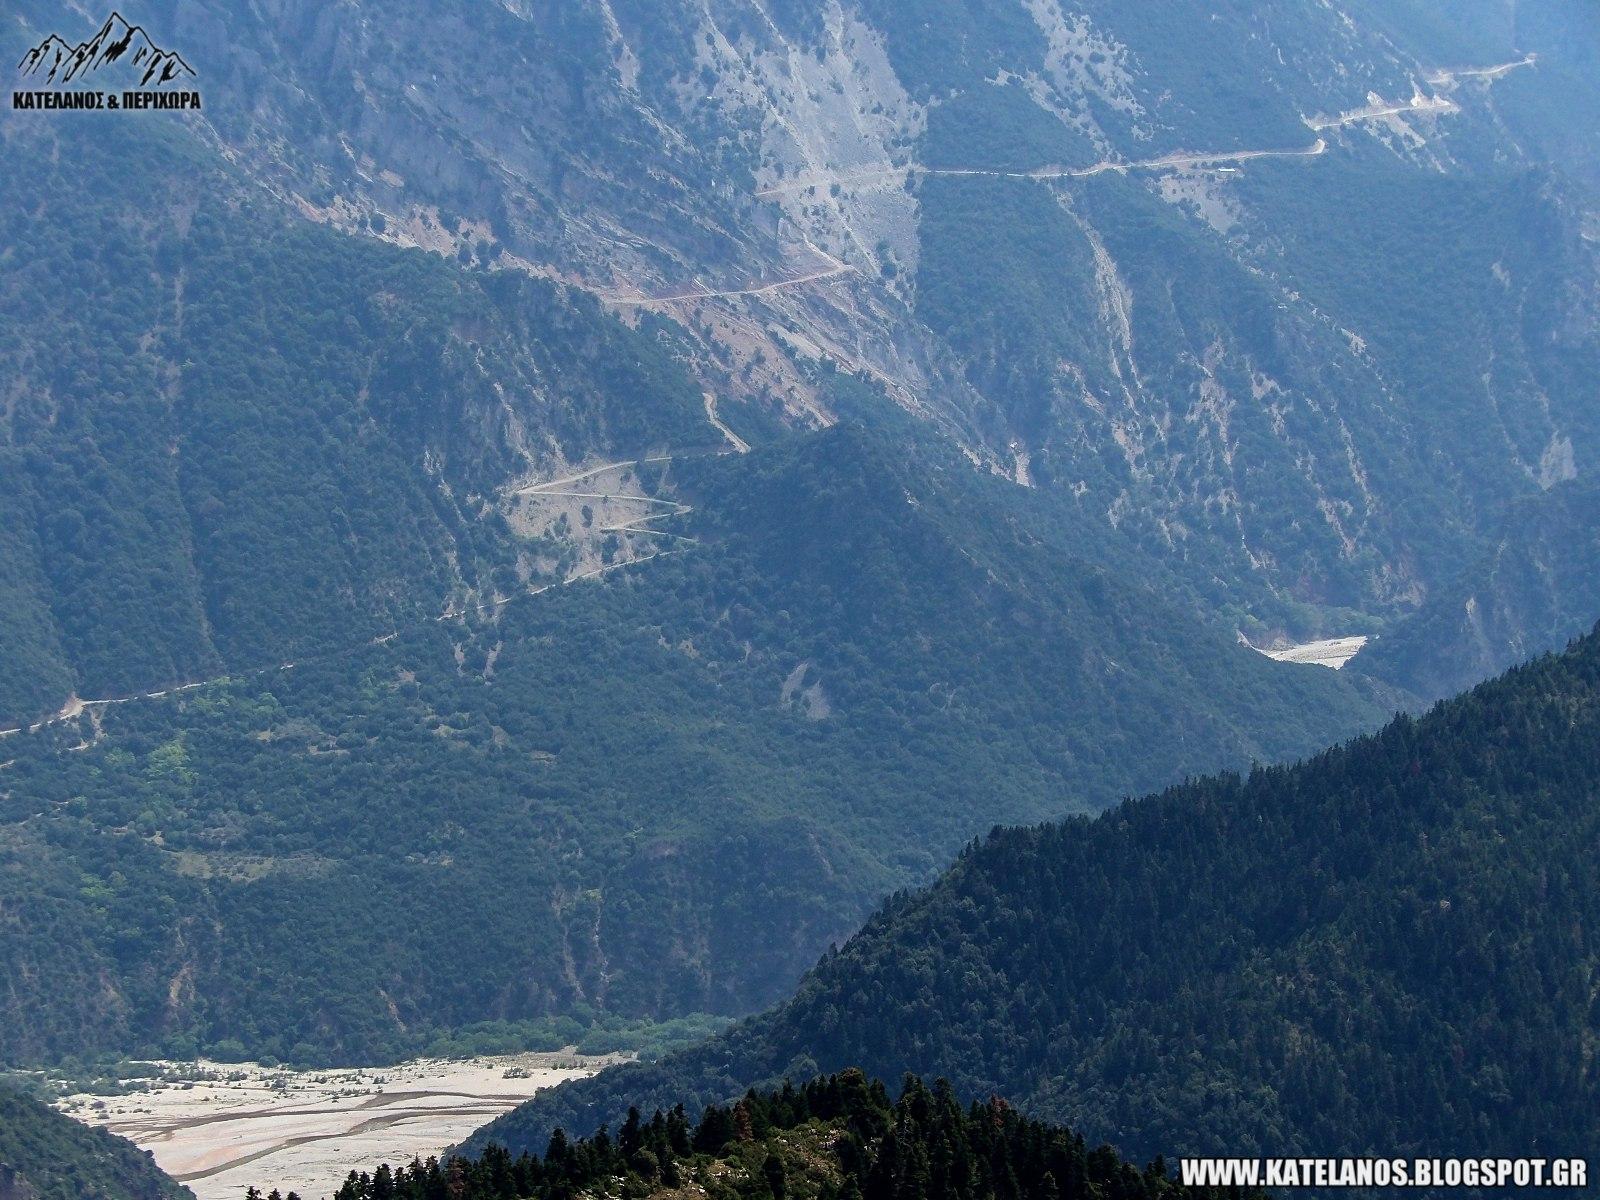 τρικεριωτης ποταμος αγαλιανος δρομος απο αμπελια προς χελιδονα ευρυτανιας